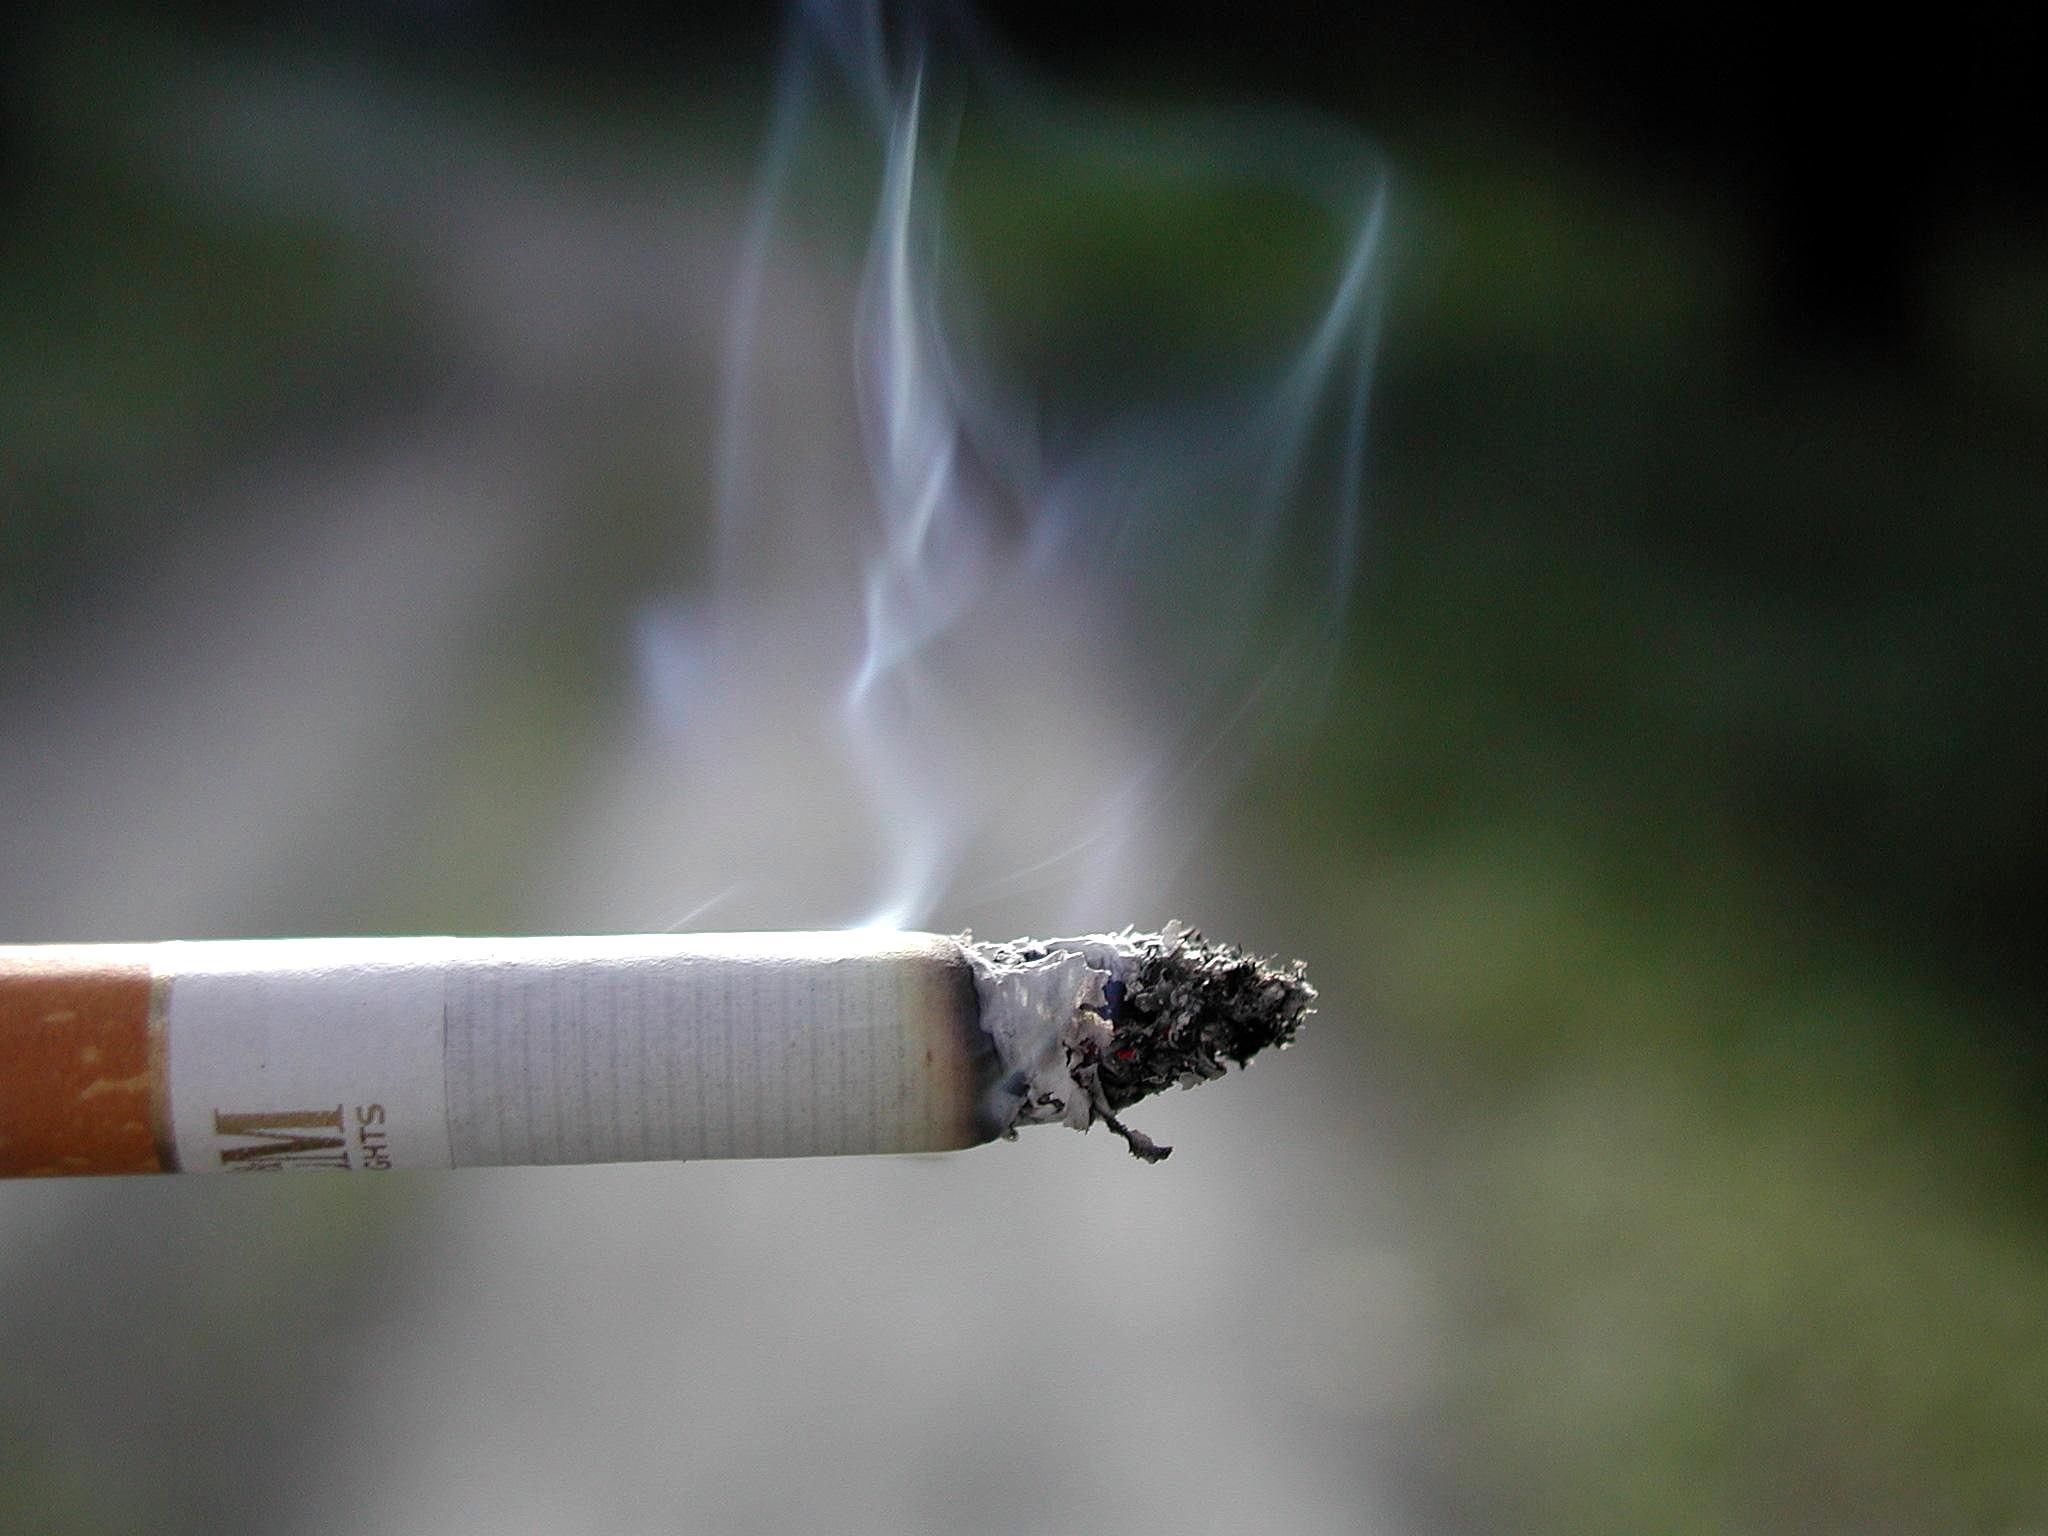 Beijing bans indoor smoking